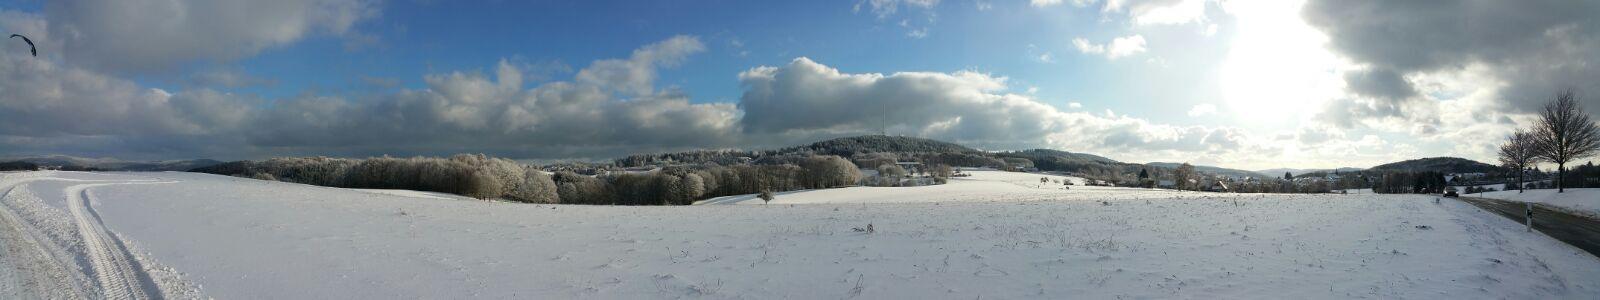 17-01-05-siedelsbrunn-panorama-01-kopie